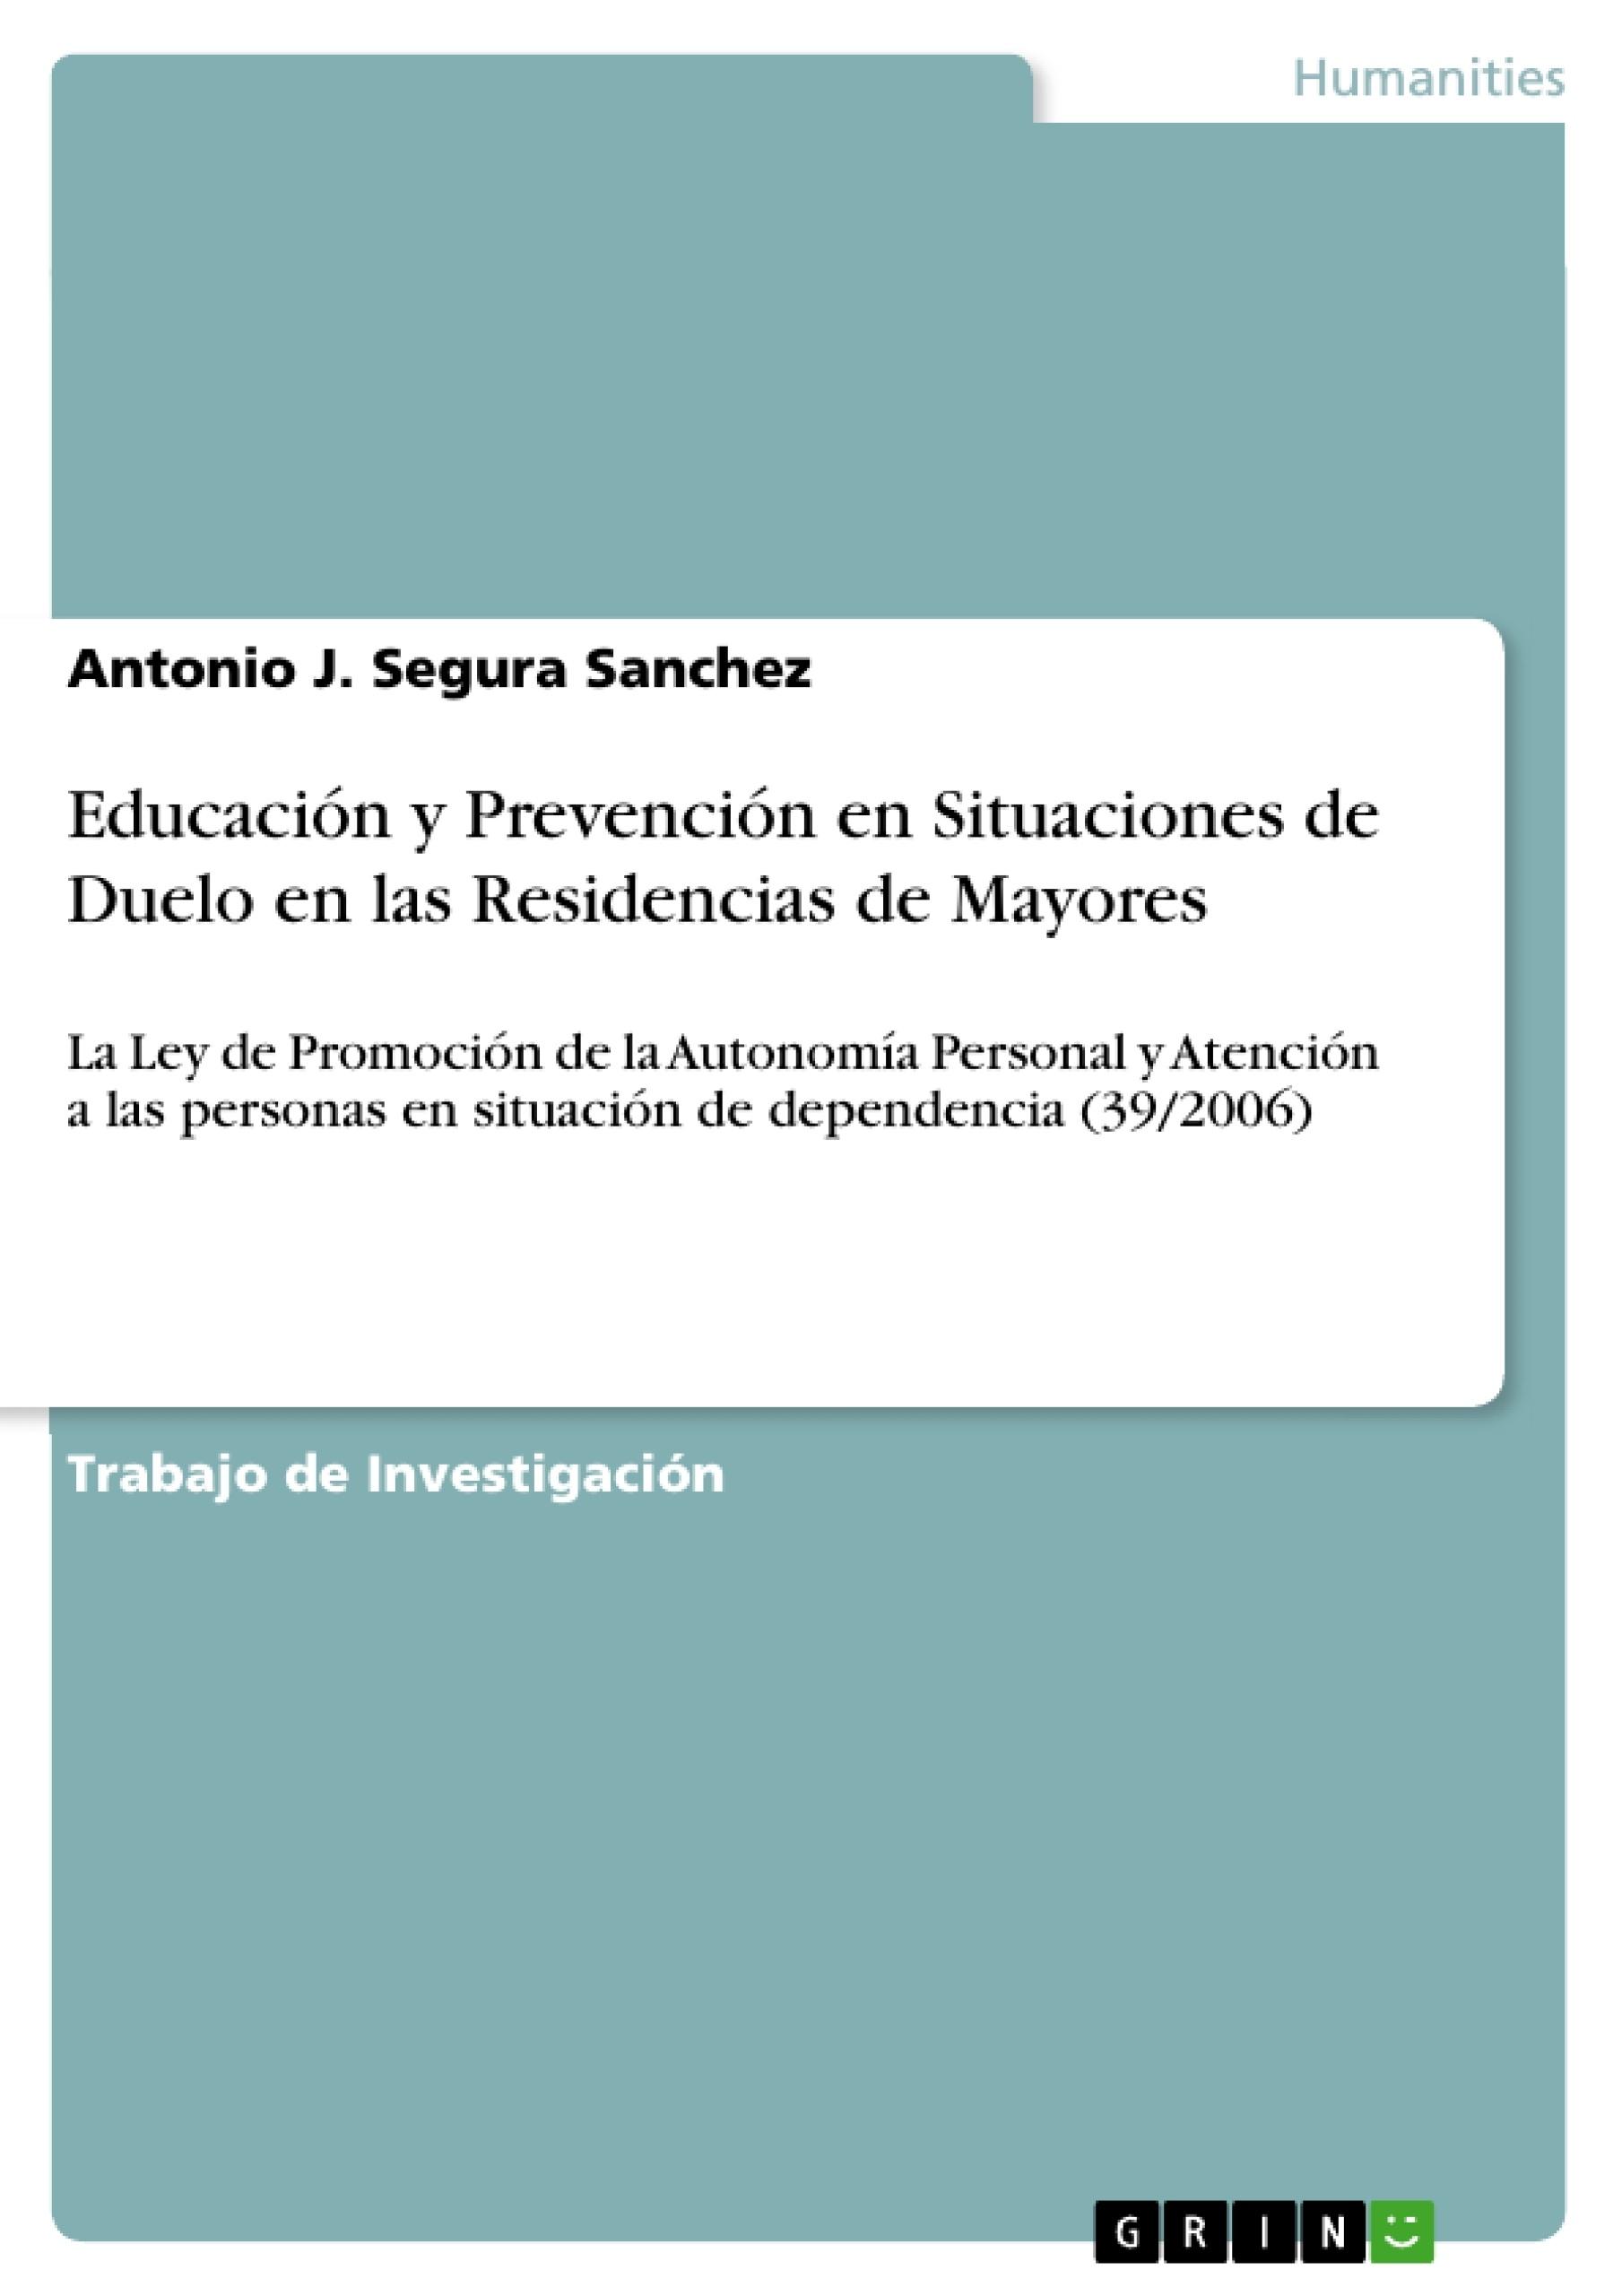 Título: Educación y Prevención en Situaciones de Duelo en las Residencias de Mayores